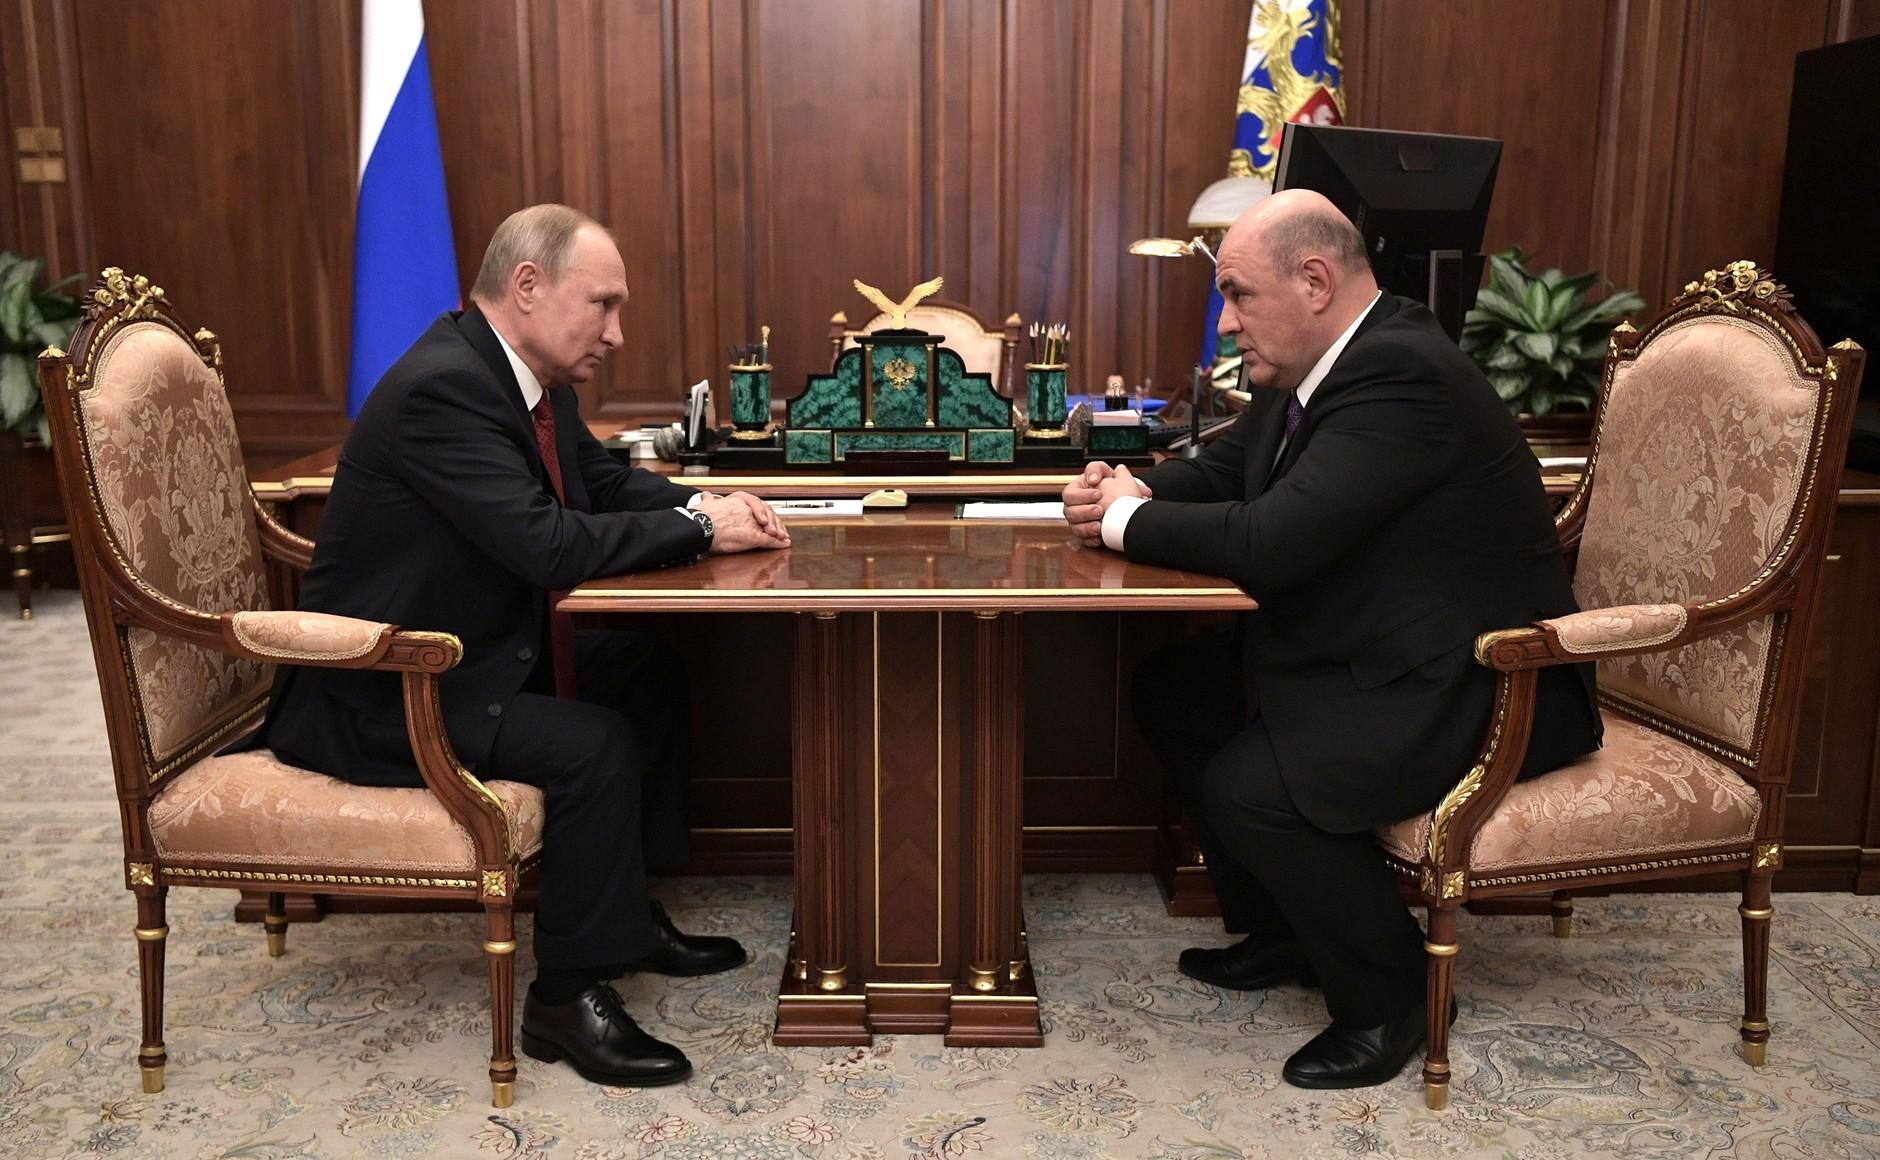 Путин объяснил выбор Мишустина на пост премьер-министра